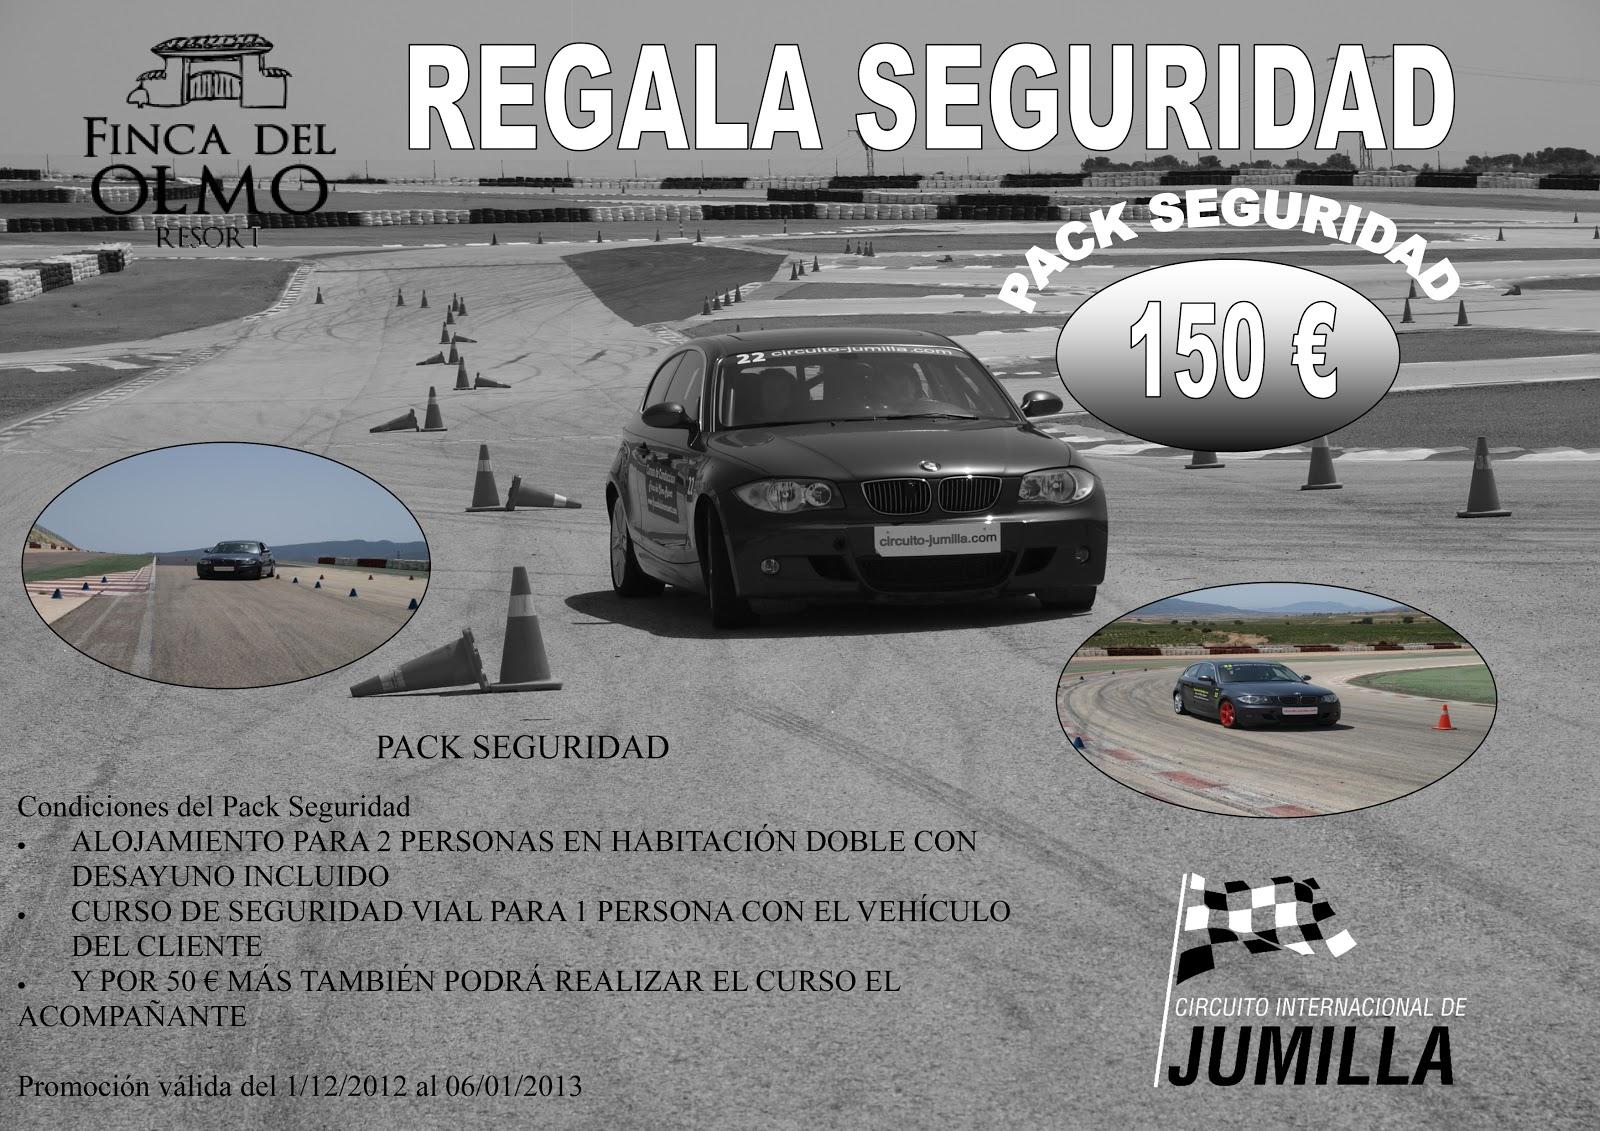 Circuito Jumilla : Finca del olmo resort